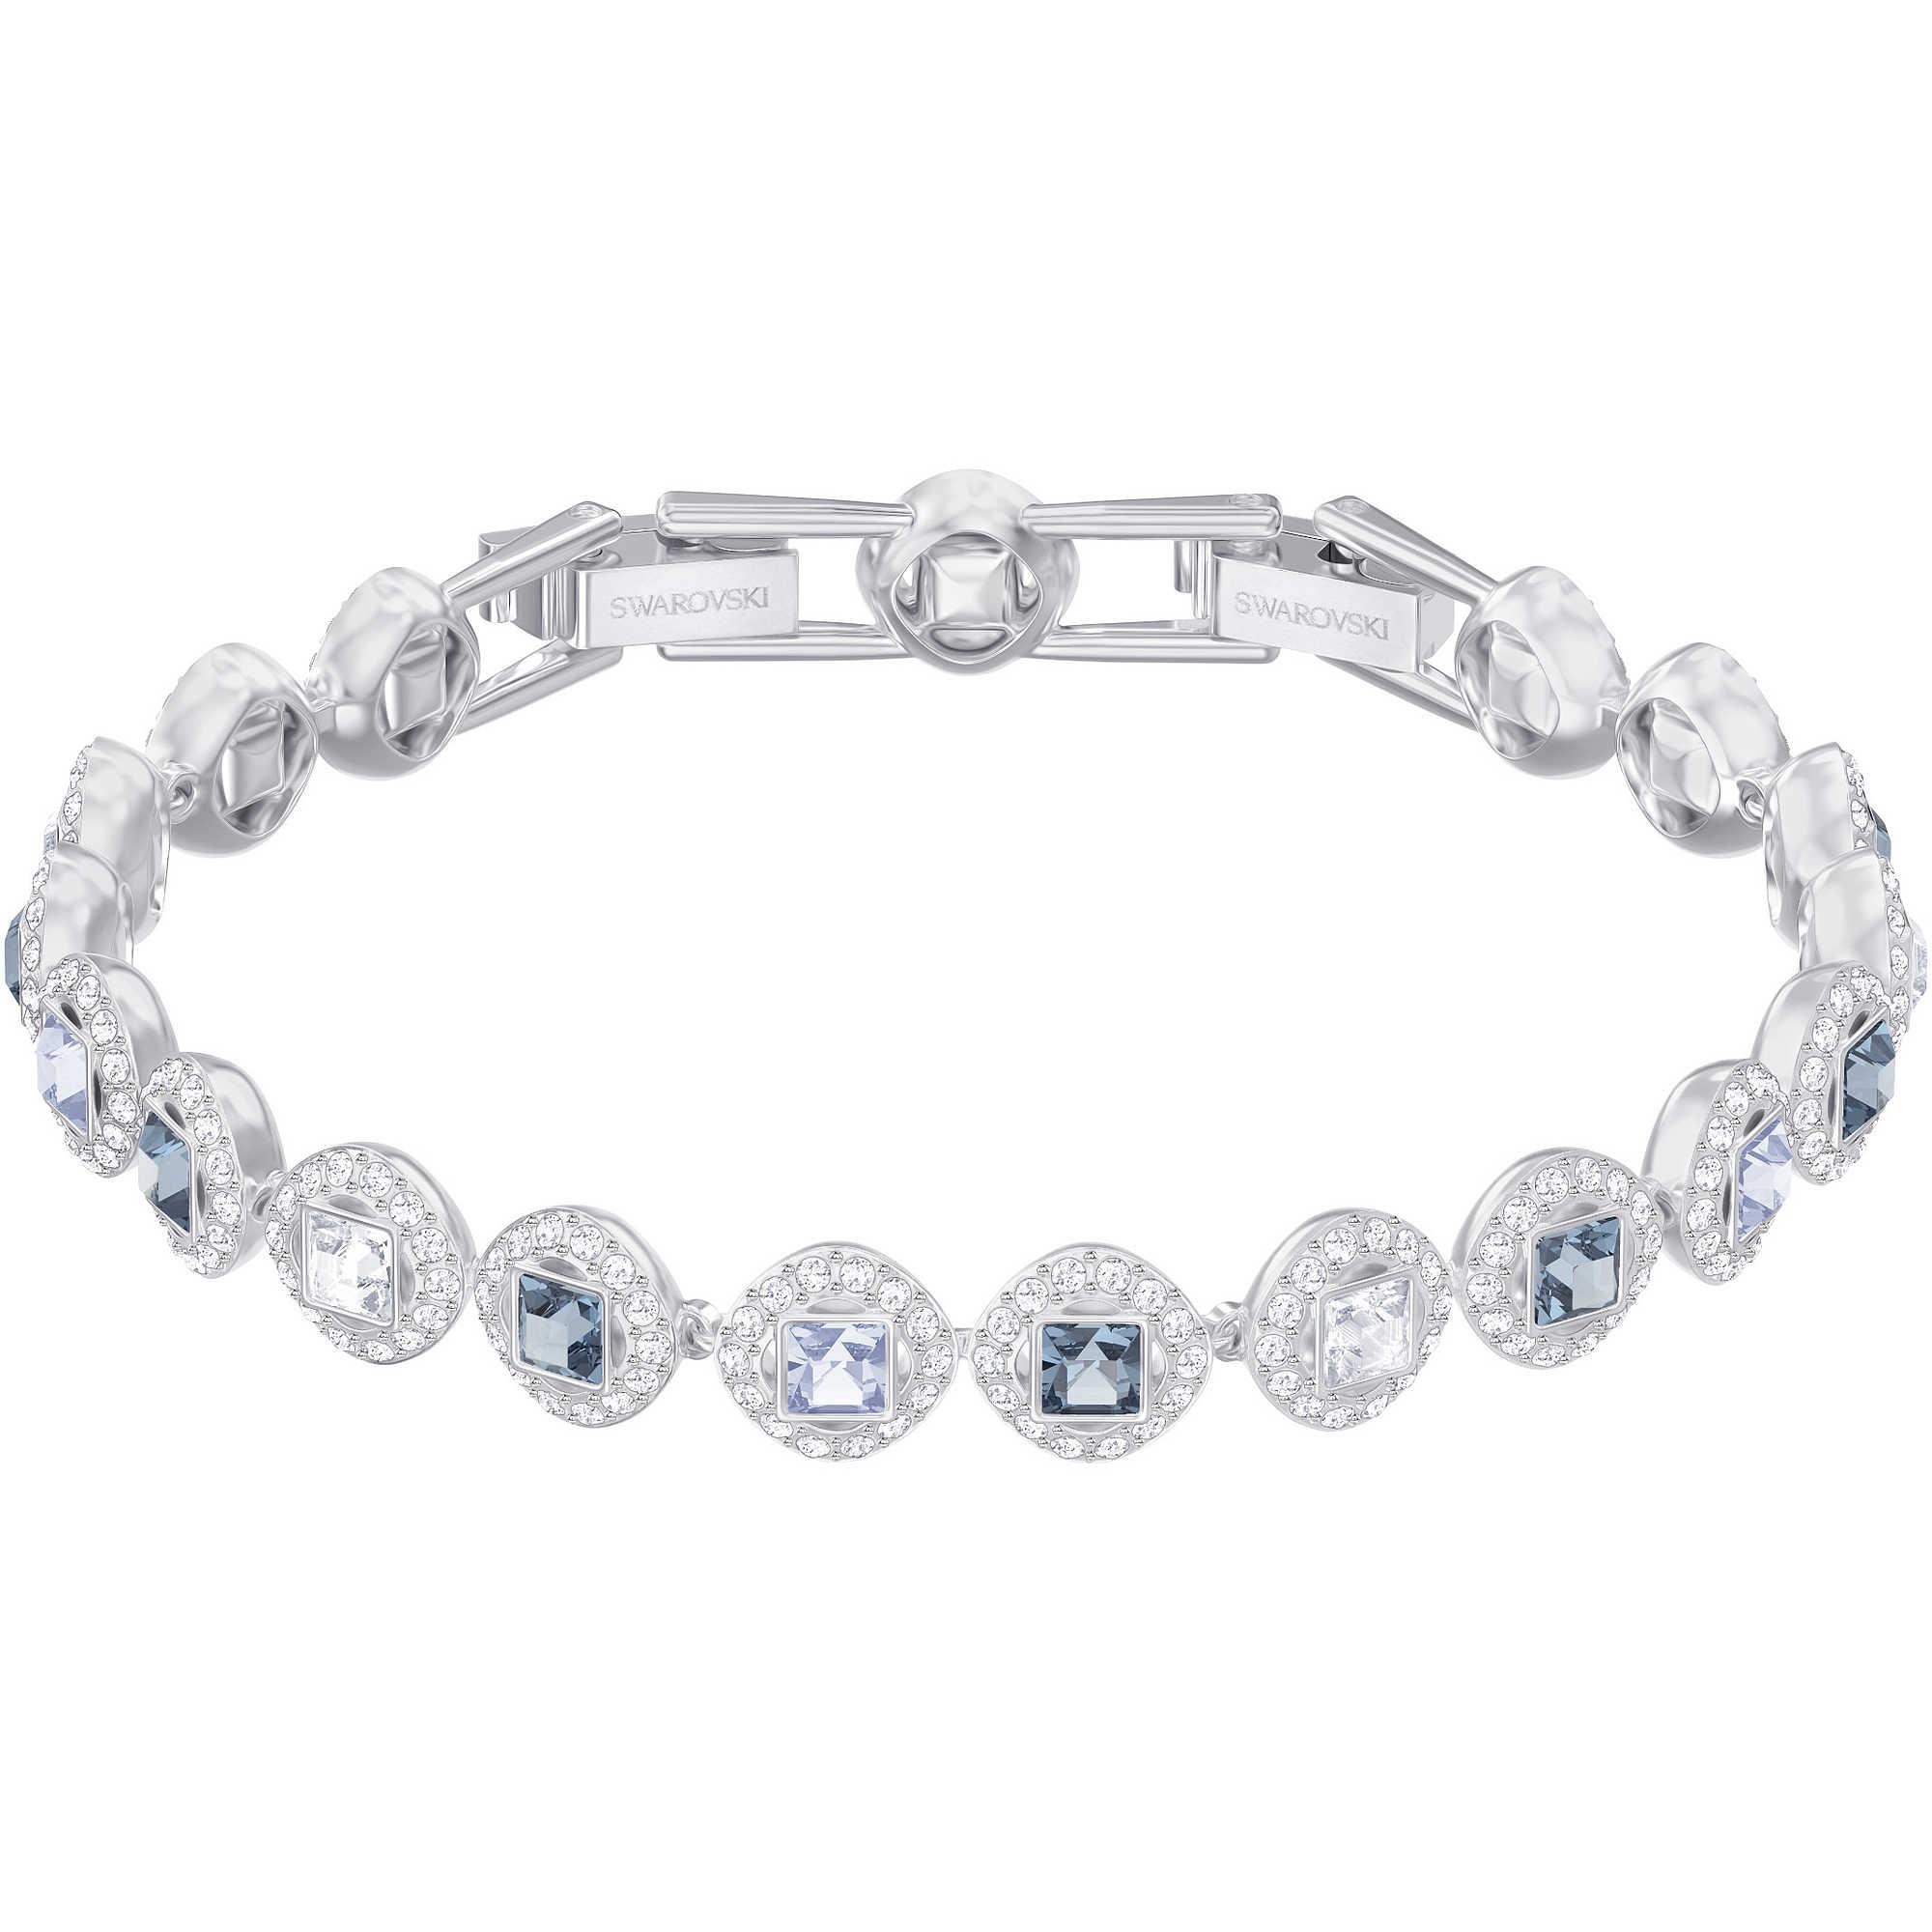 codice promozionale 74019 2cf97 vendita gioielli swarovski bracciali prezzi online 50 di ...